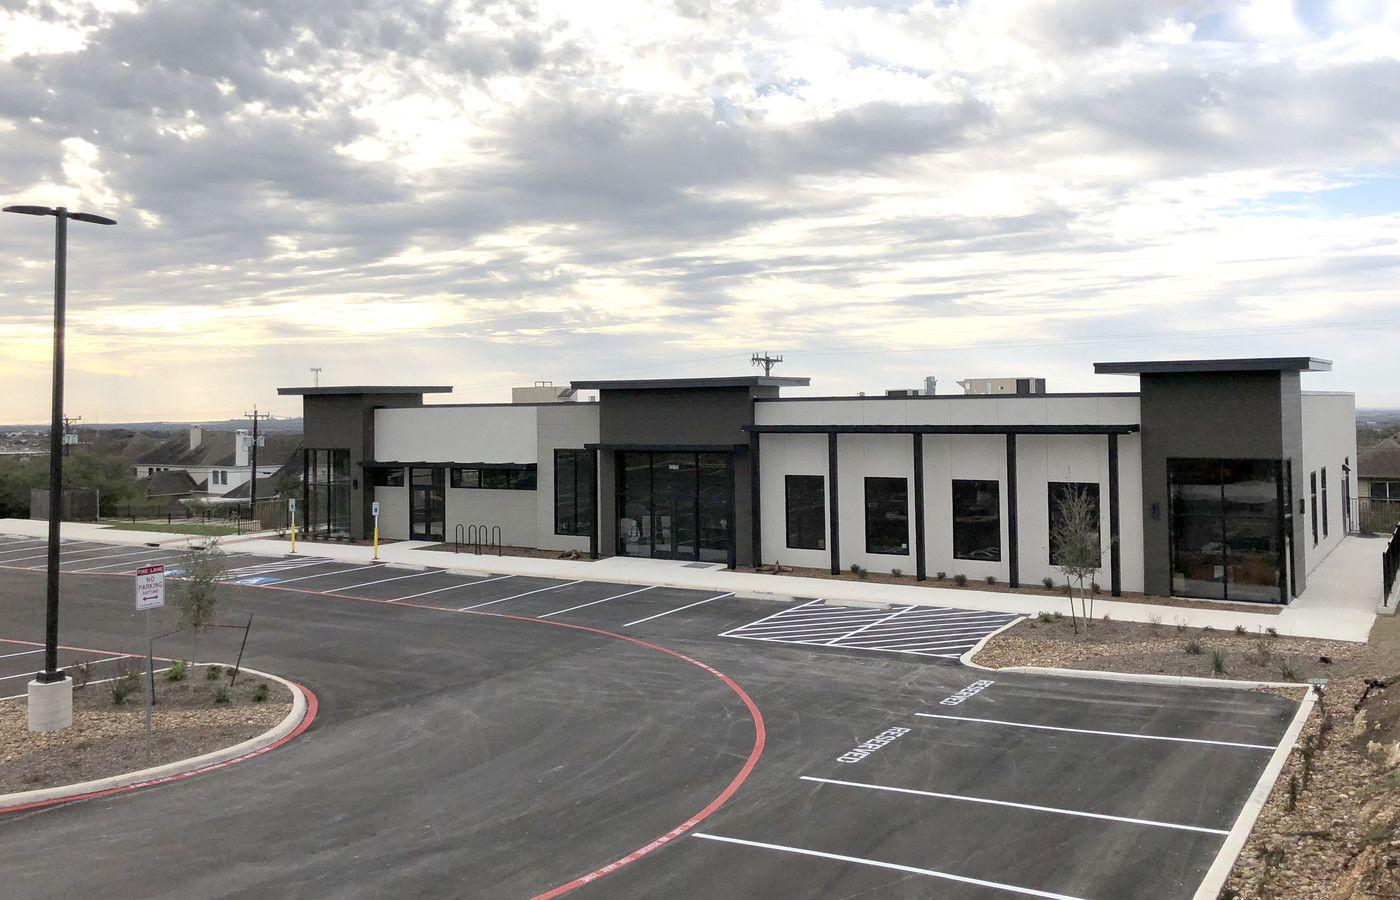 20702-Stone-Oak-Pky-San-Antonio-TX-Primary-Photo-1-HighDefinition.jpg